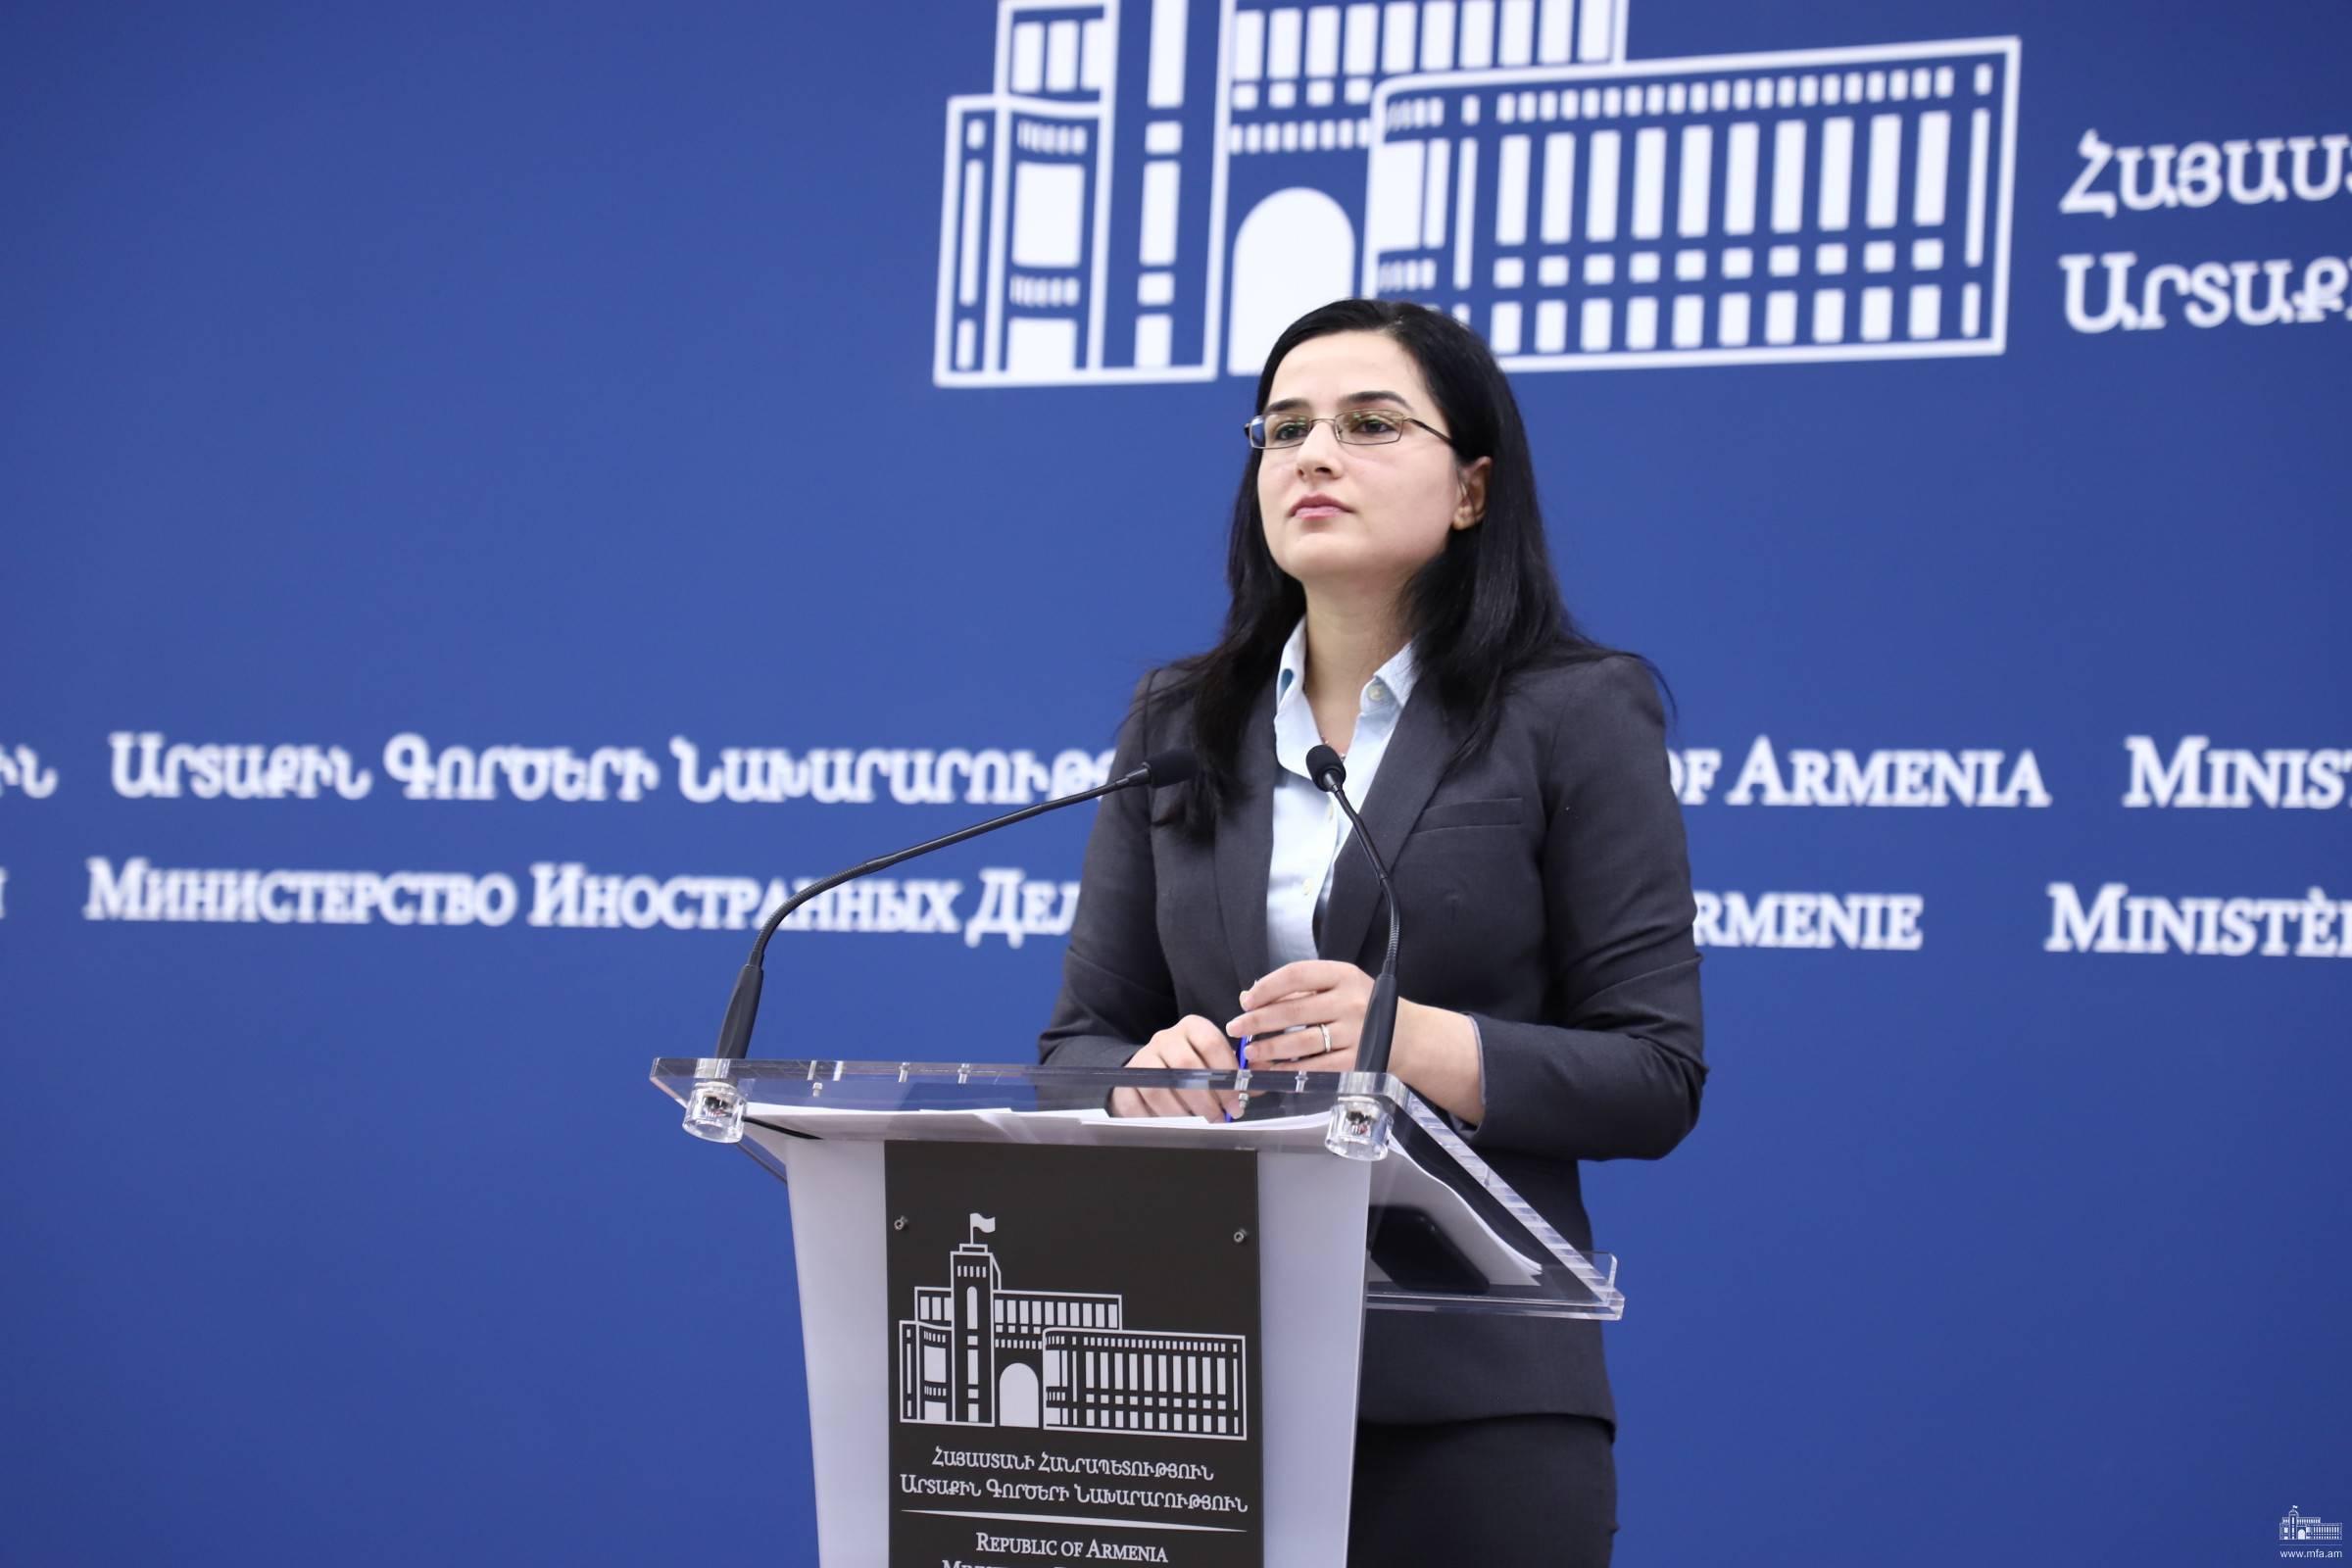 ԱԳՆ մամուլի խոսնակի պատասխանը հայ-ադրբեջանական սահմանին իրադրության սրման վերաբերյալ «Այսօր.ամ» լրատվական կայքի հարցին